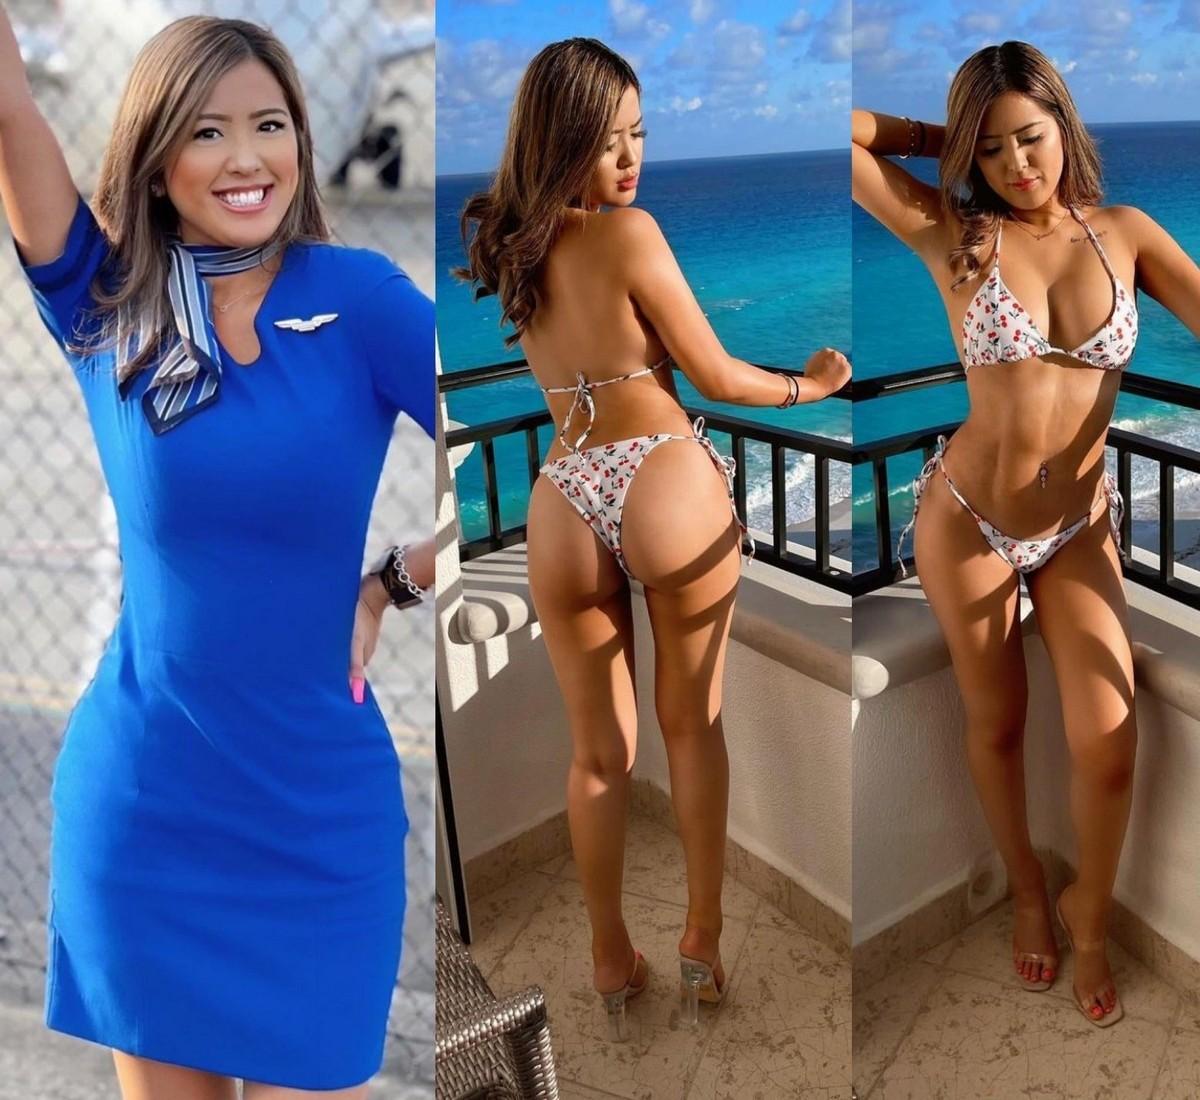 Сексуальные стюардессы в униформе и без неё 05.08.21